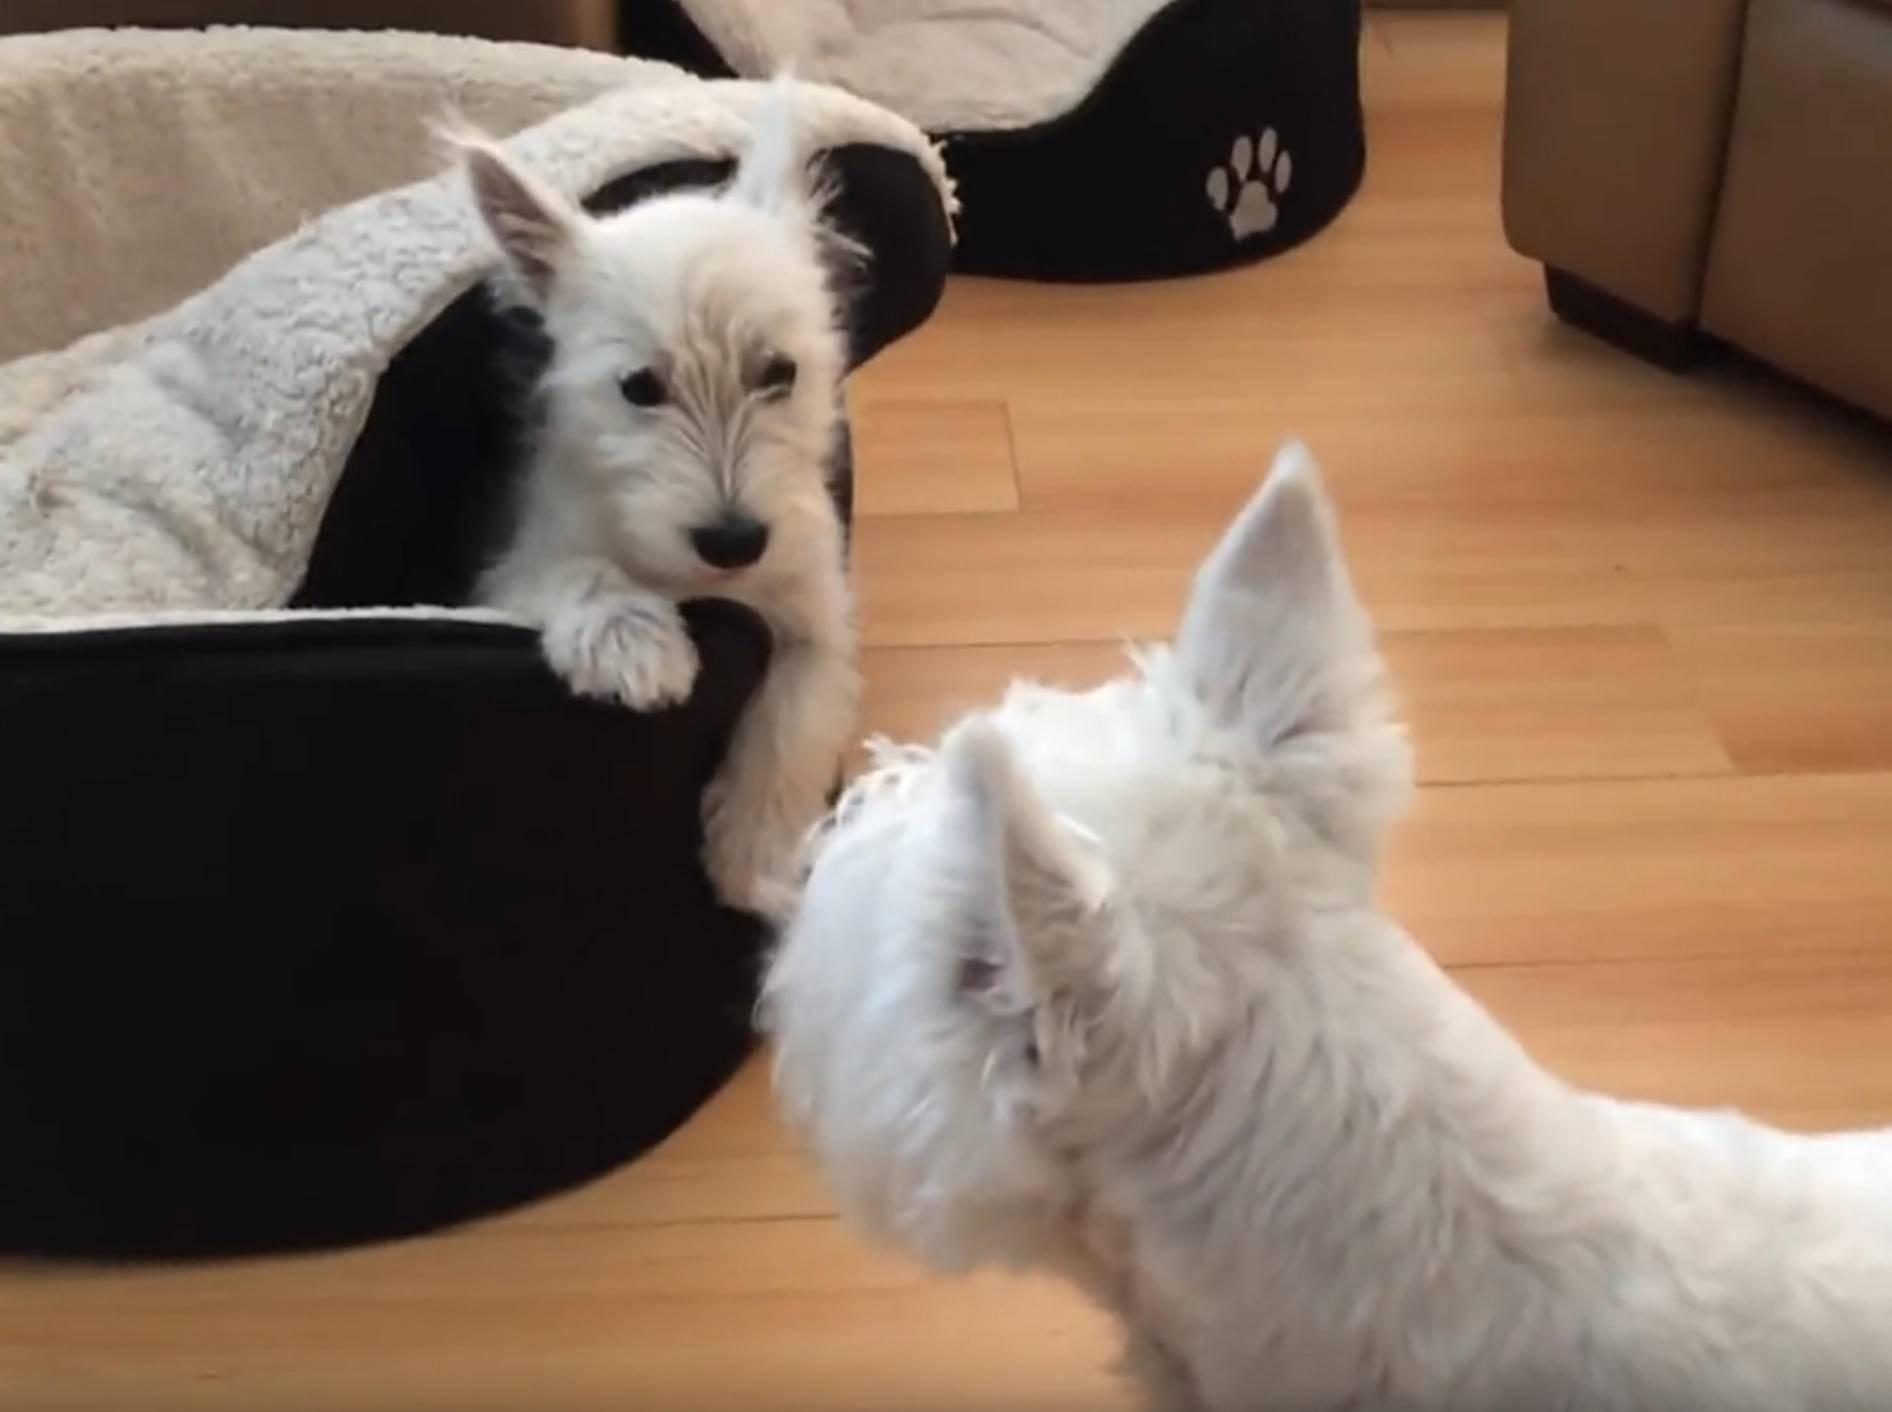 Zwei Westhighland White Terrier spielen Verstecken – YouTube / Rumble Viral